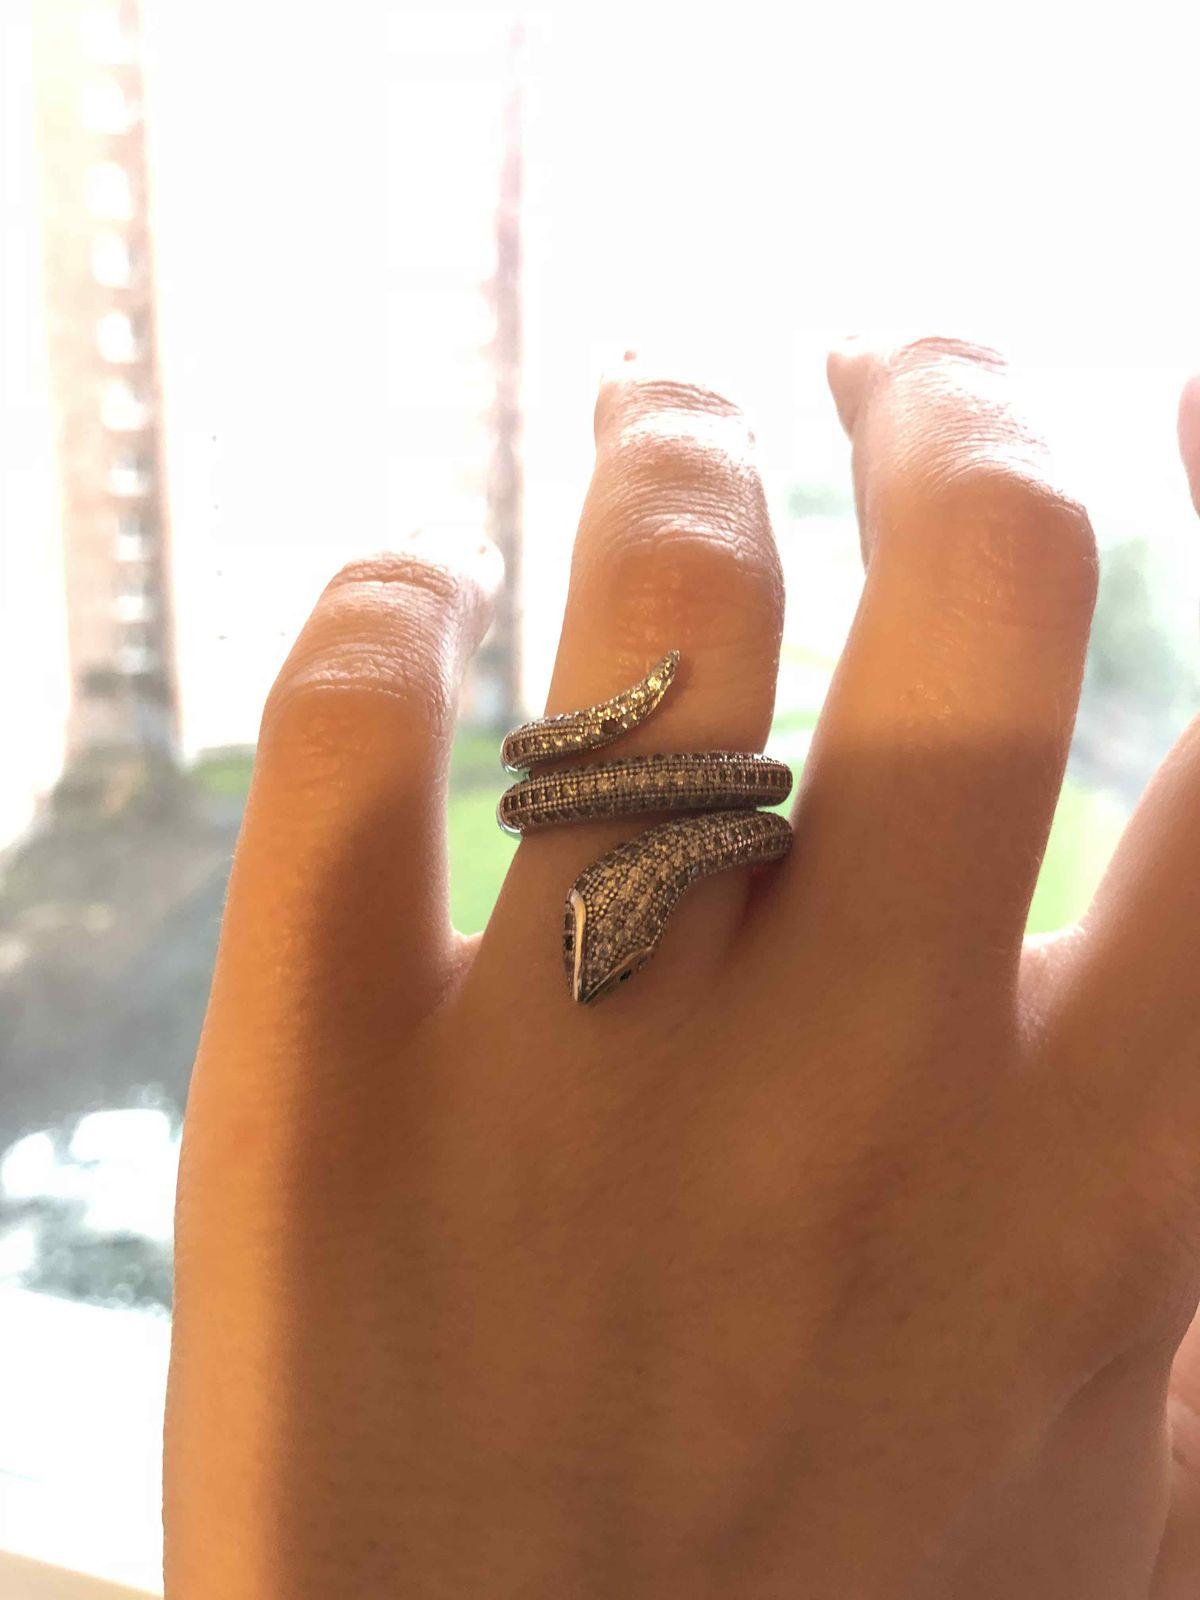 Красивое кольцо в виде змеи